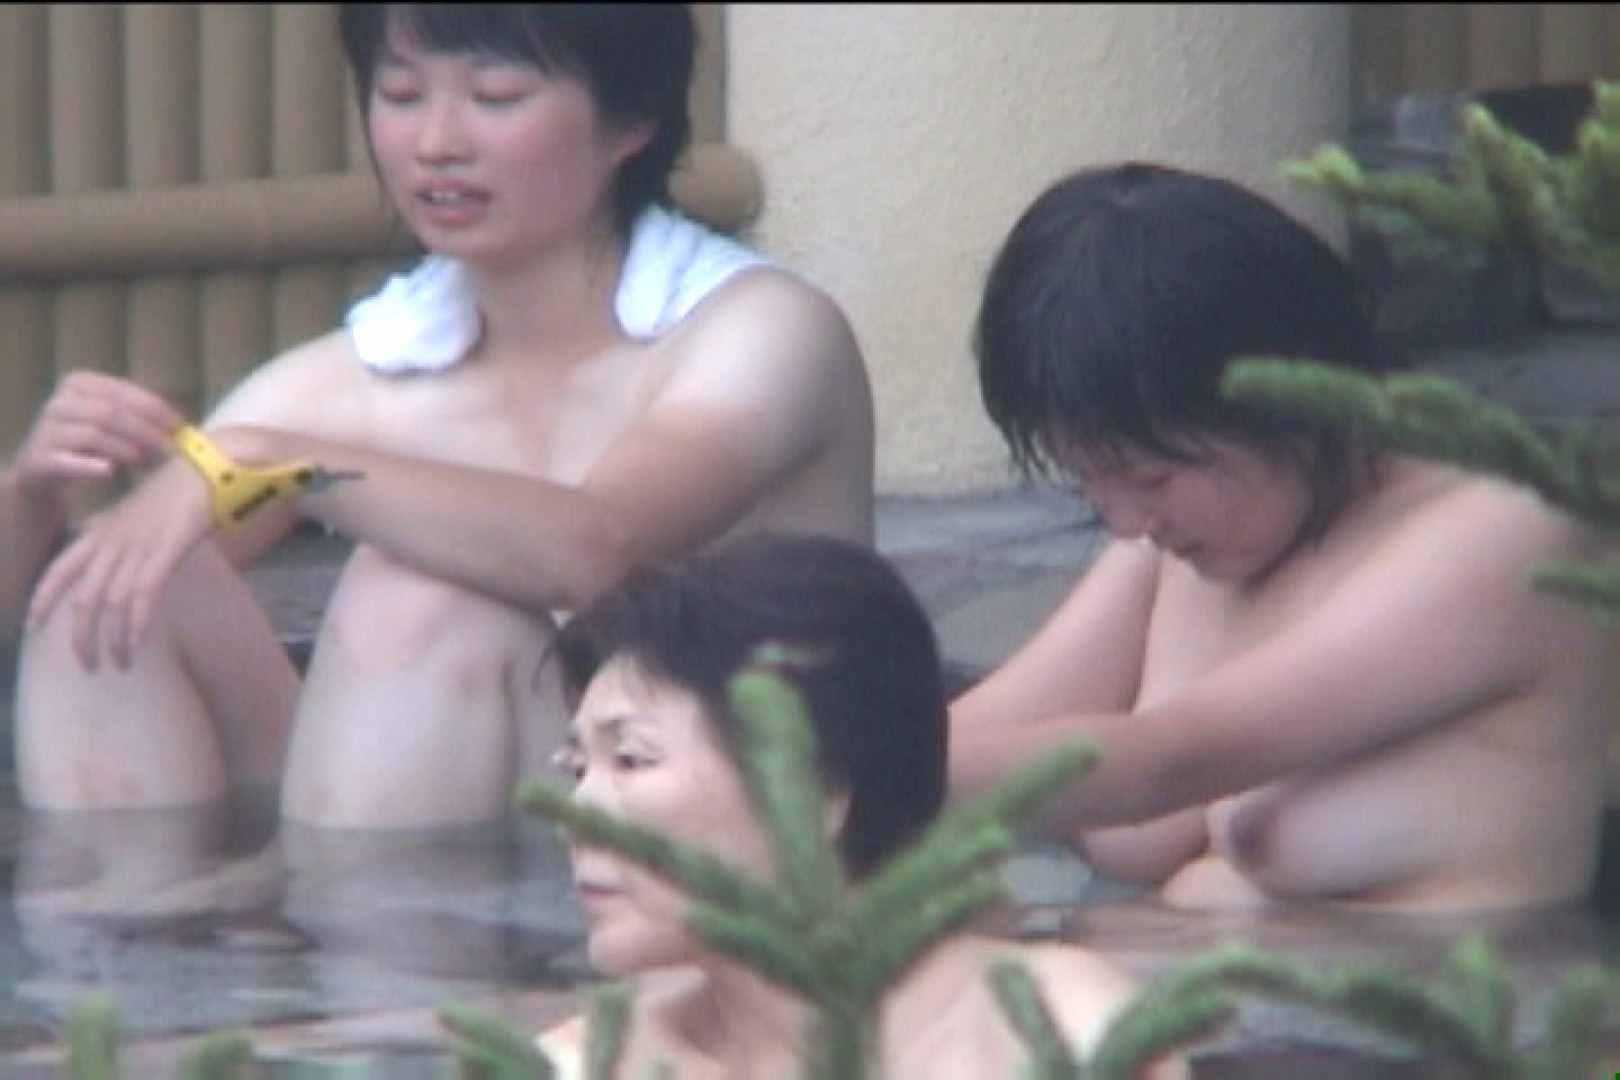 Aquaな露天風呂Vol.99【VIP限定】 盗撮 | 露天  80pic 28